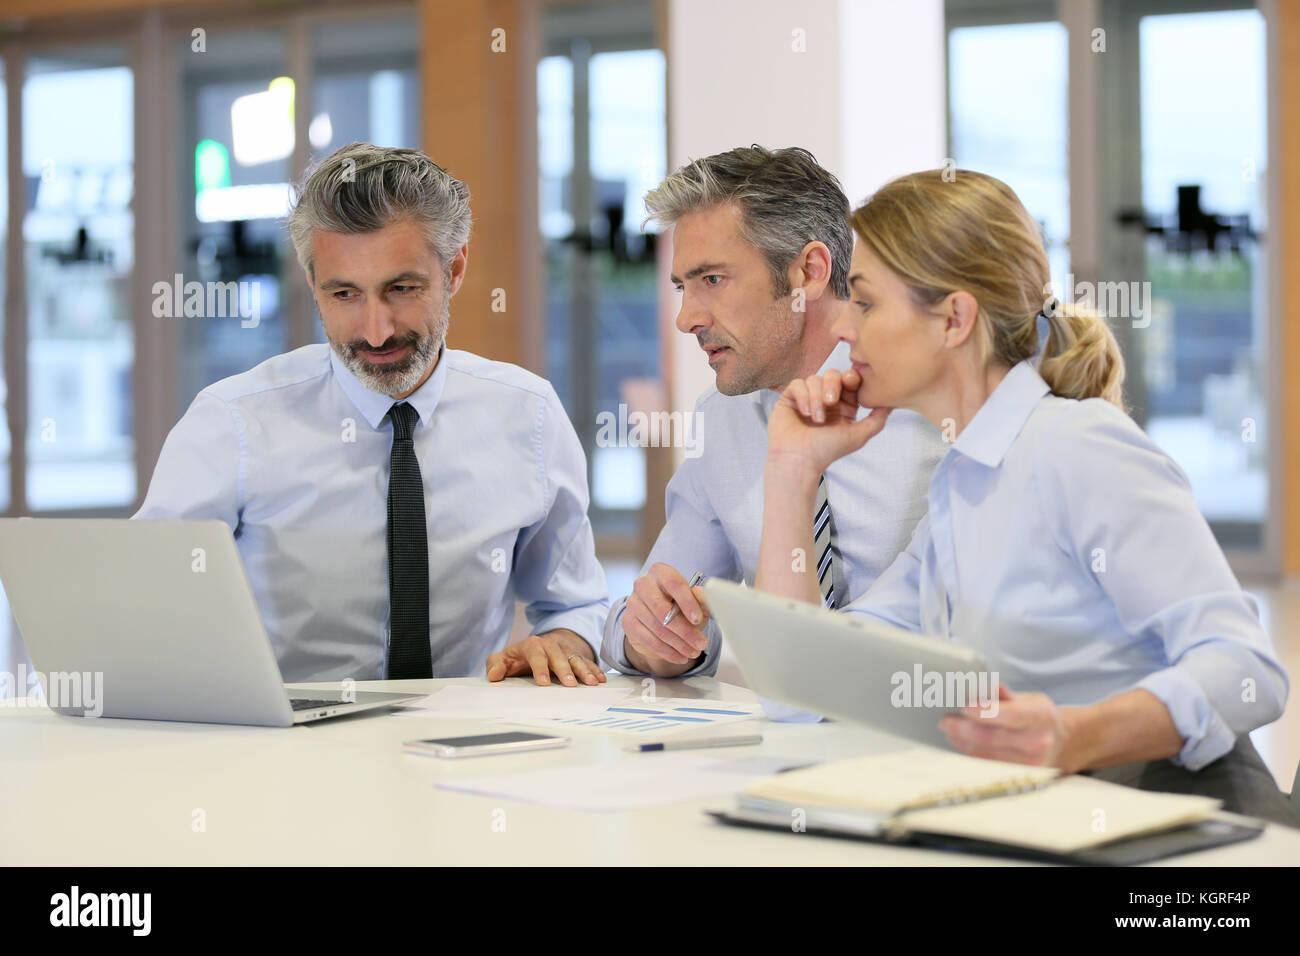 Réunion de l'équipe d'affaires pour financier des projets Photo Stock